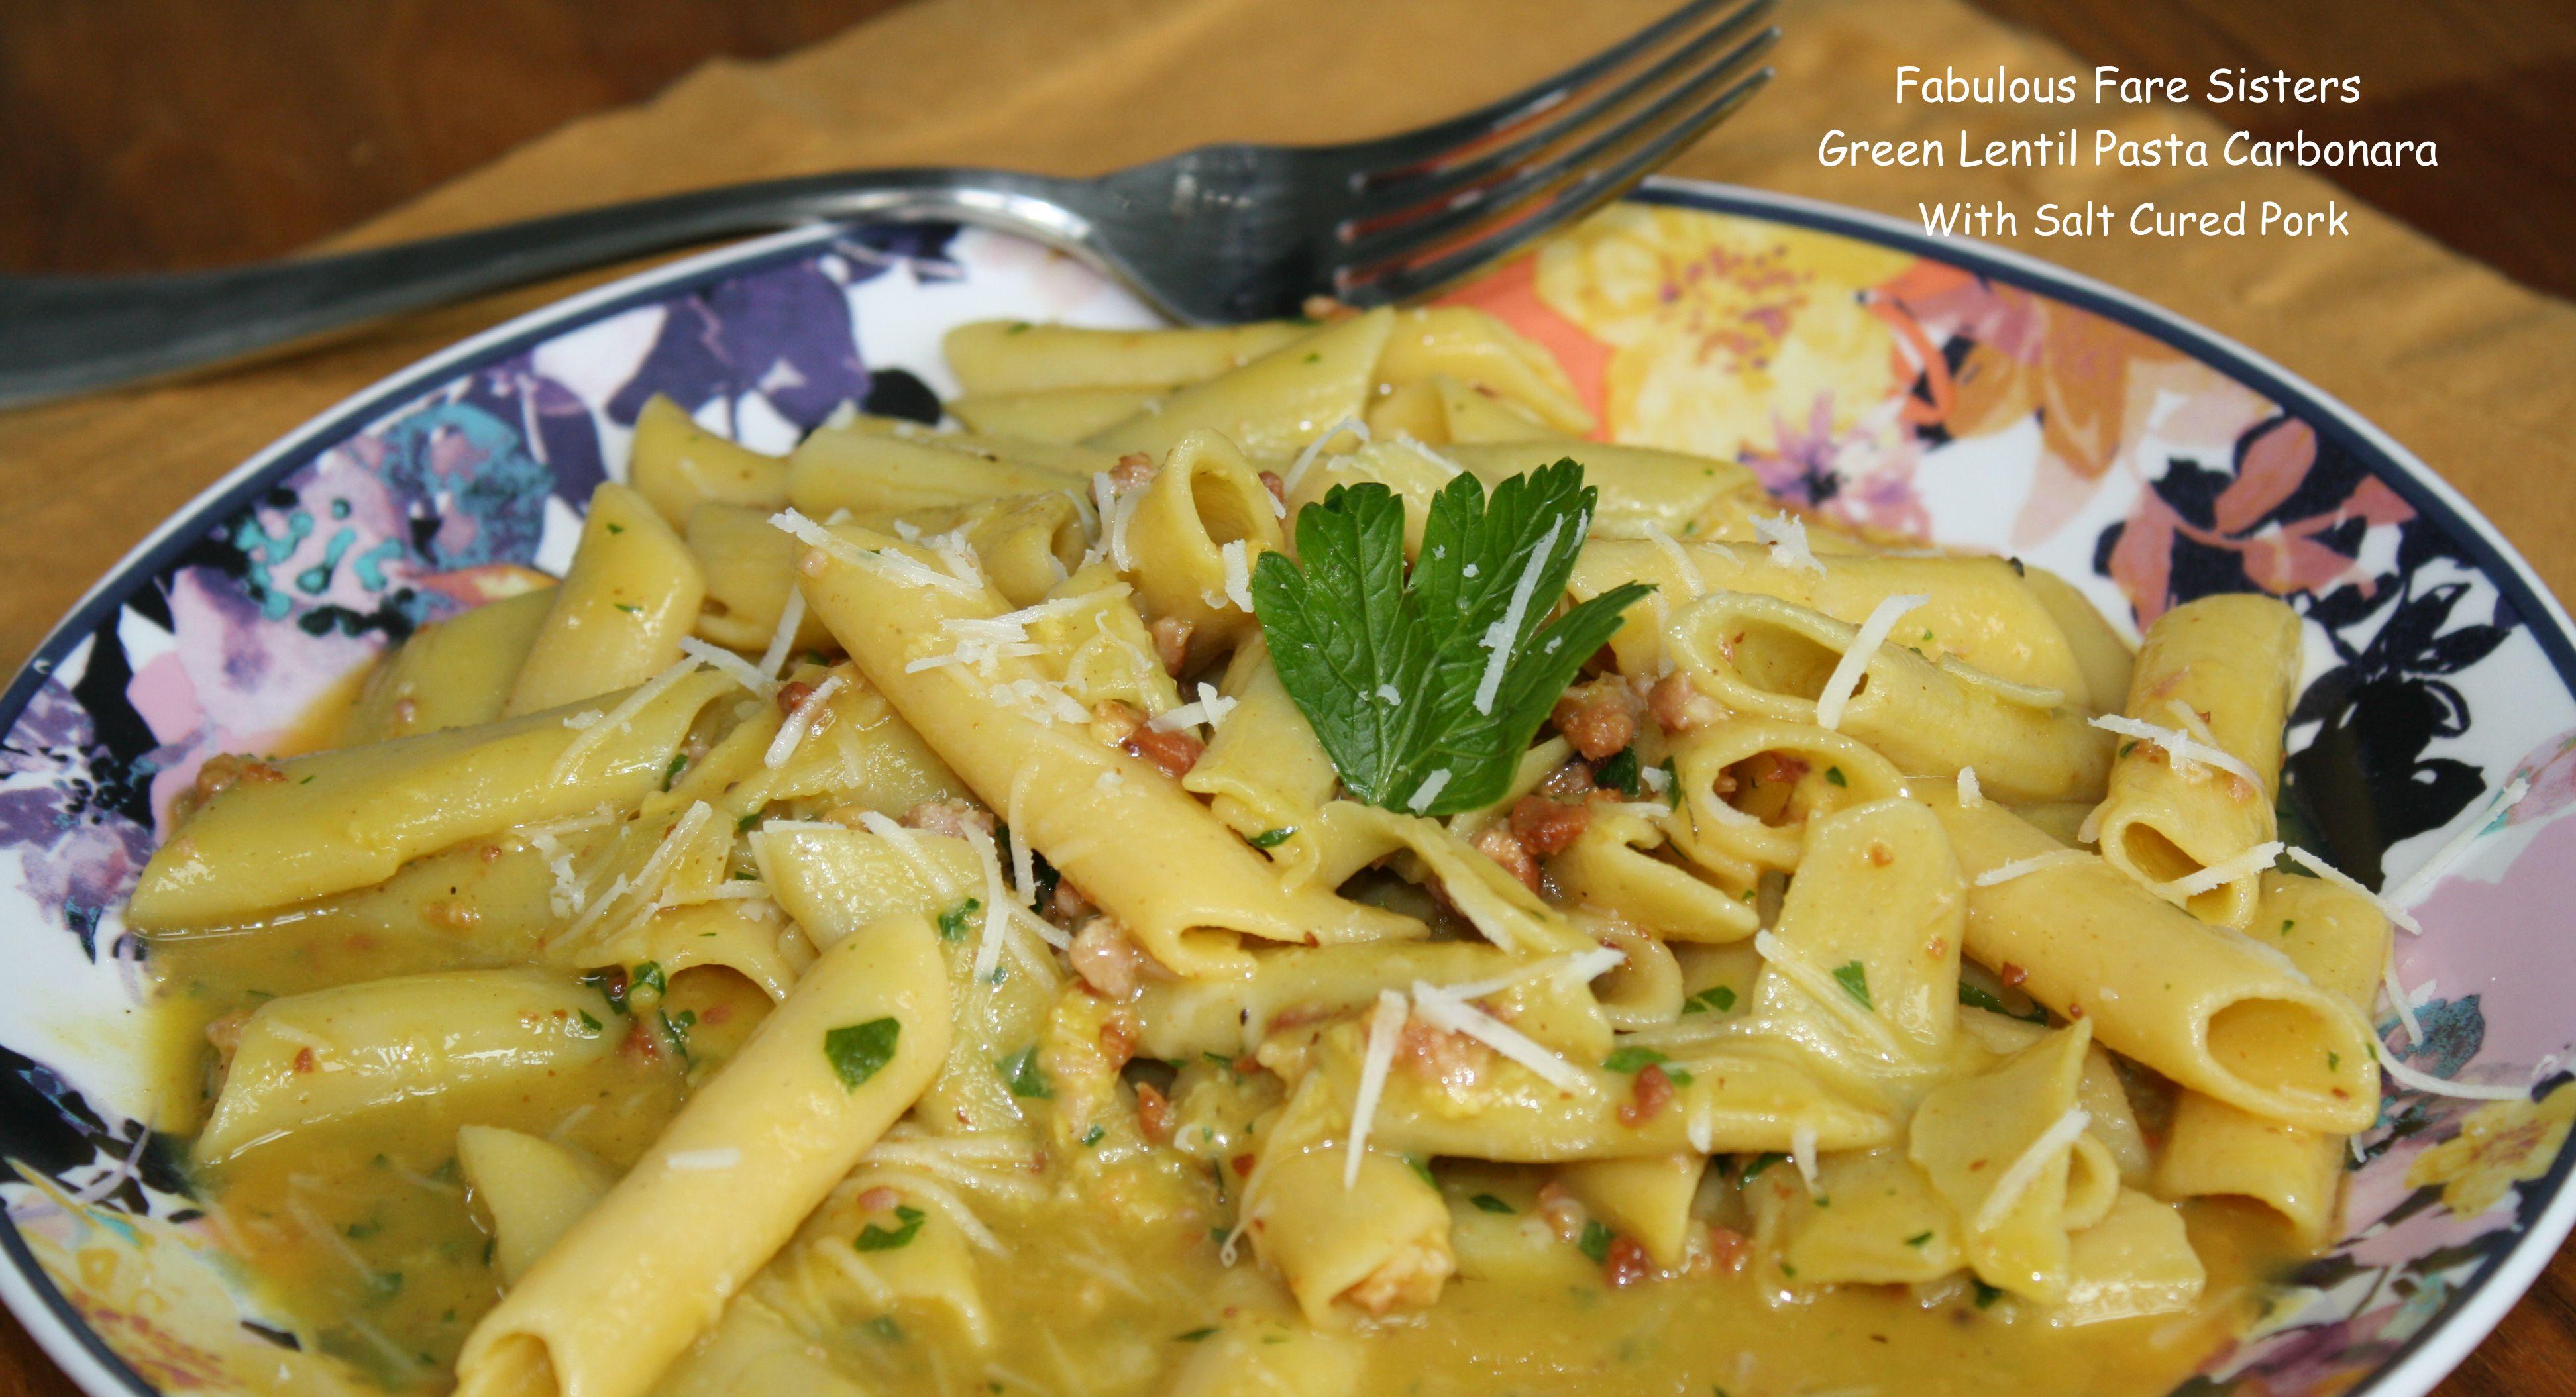 Green Lentil Pasta Carbonara With Salt Cured Pork